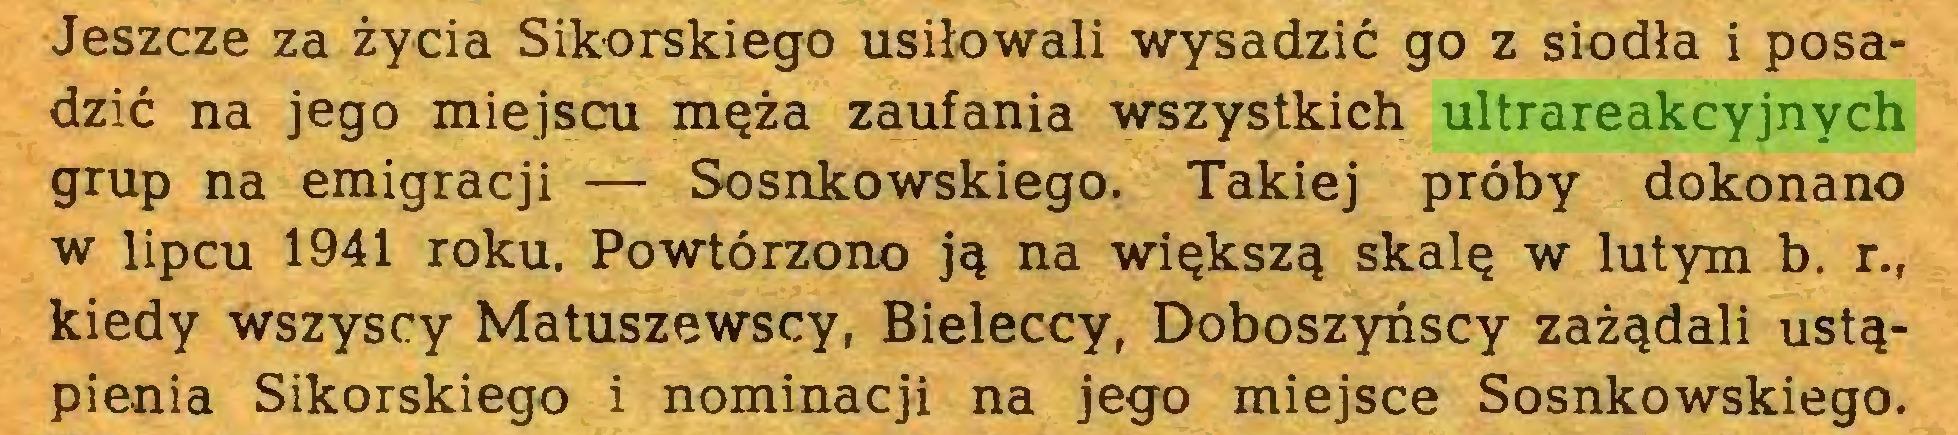 (...) Jeszcze za życia Sikorskiego usiłowali wysadzić go z siodła i posadzić na jego miejscu męża zaufania wszystkich ultrareakcyjnych grup na emigracji — Sosnkowskiego. Takiej próby dokonano w lipcu 1941 roku. Powtórzono ją na większą skalę w lutym b. r., kiedy wszyscy Matuszewscy, Bieleccy, Doboszyńscy zażądali ustąpienia Sikorskiego i nominacji na jego miejsce Sosnkowskiego...